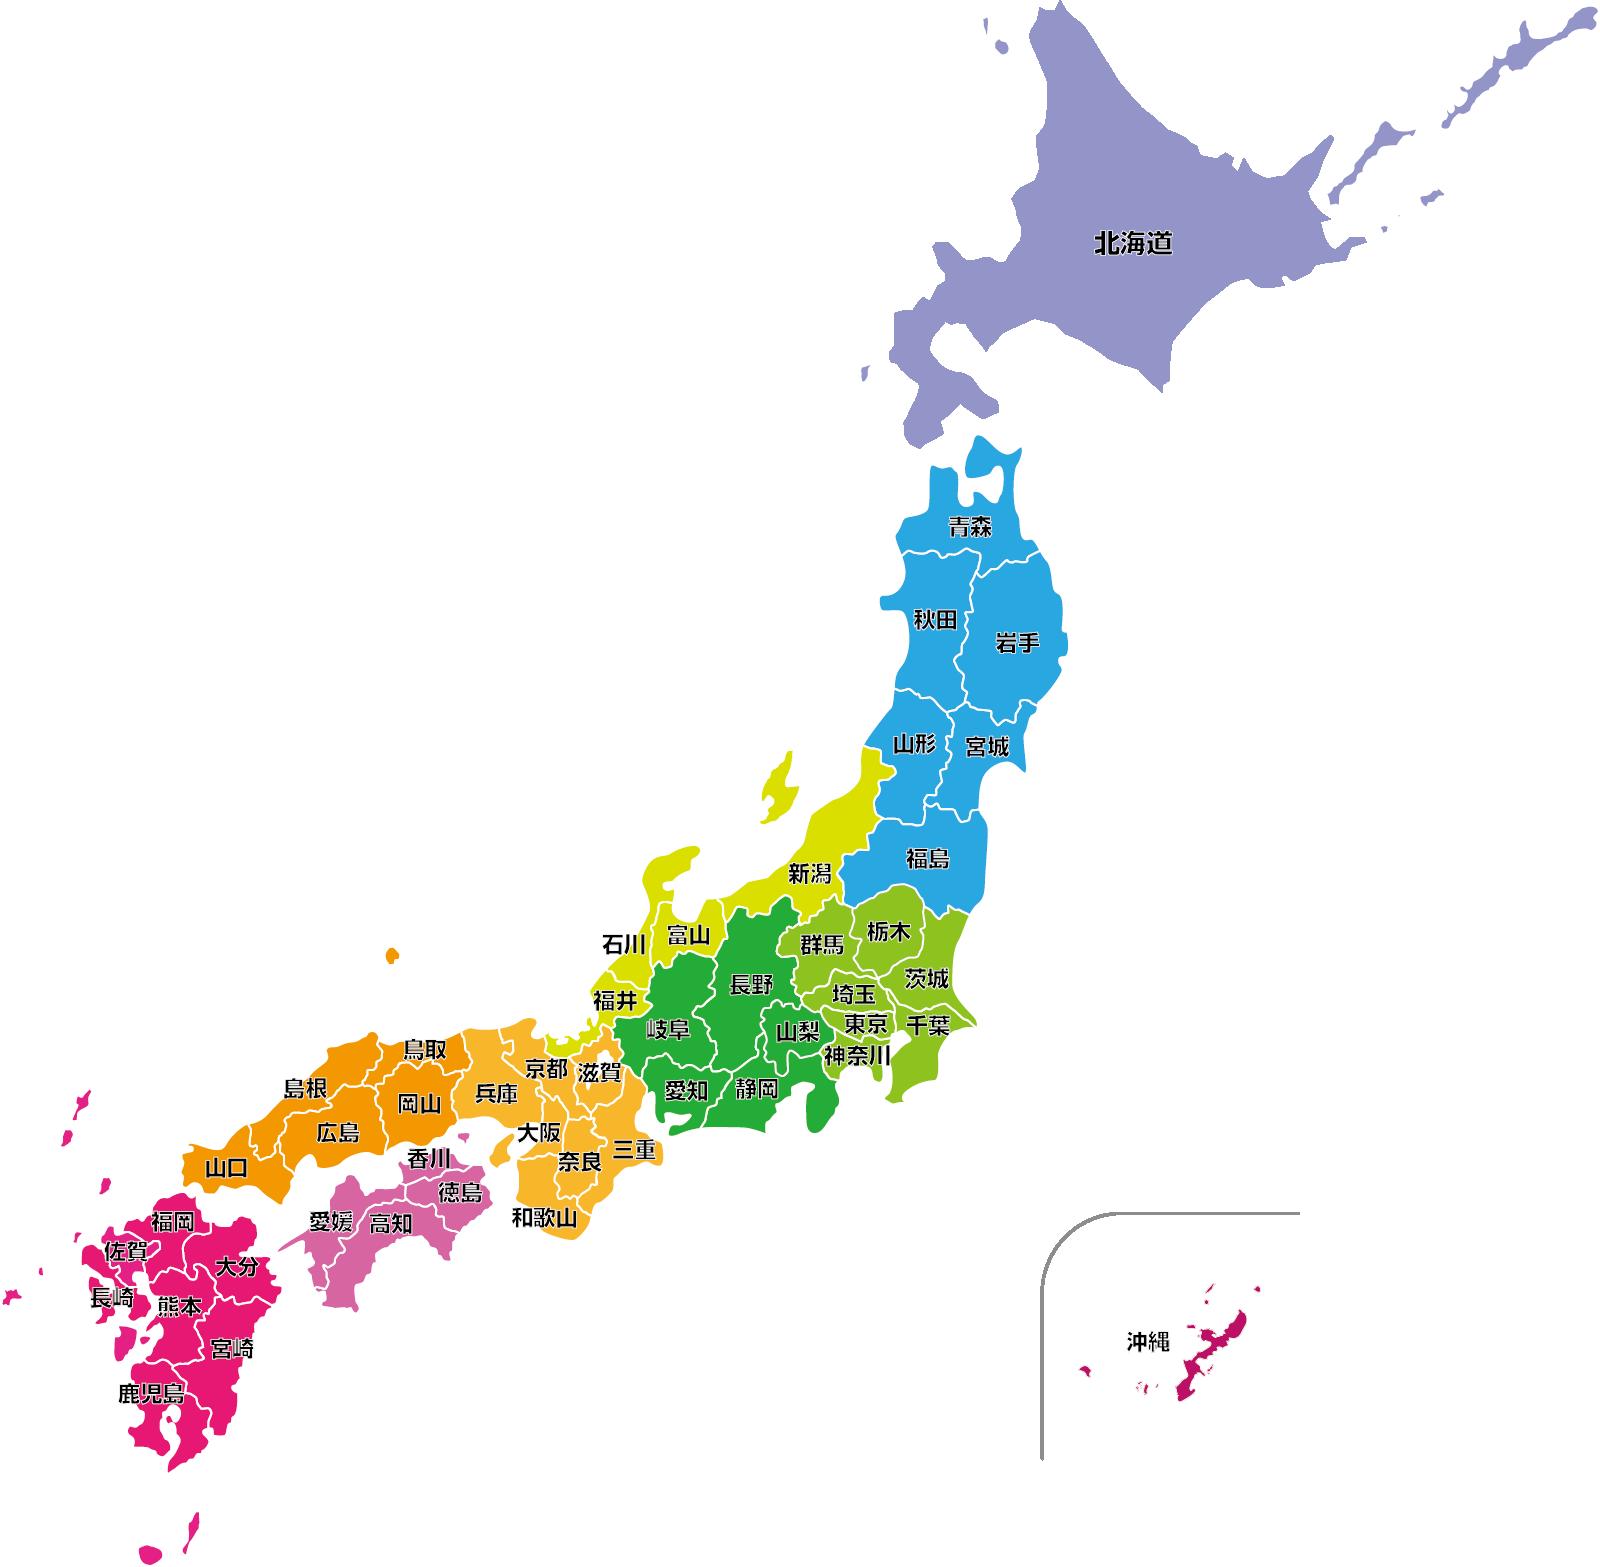 日本地図のイラスト(都道府県名入り・フチ白)